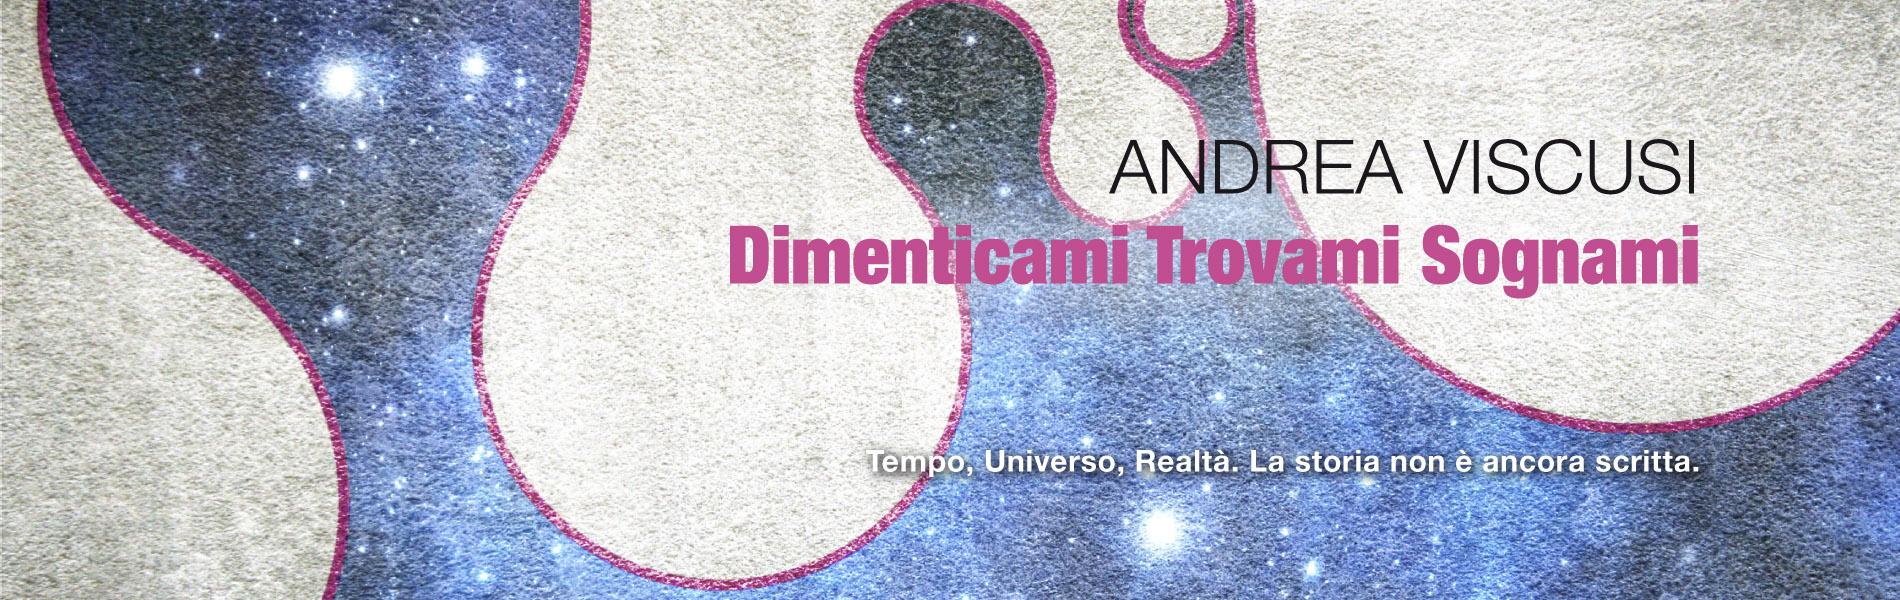 Dimenticami Trovami Sognami, di Andrea Viscusi